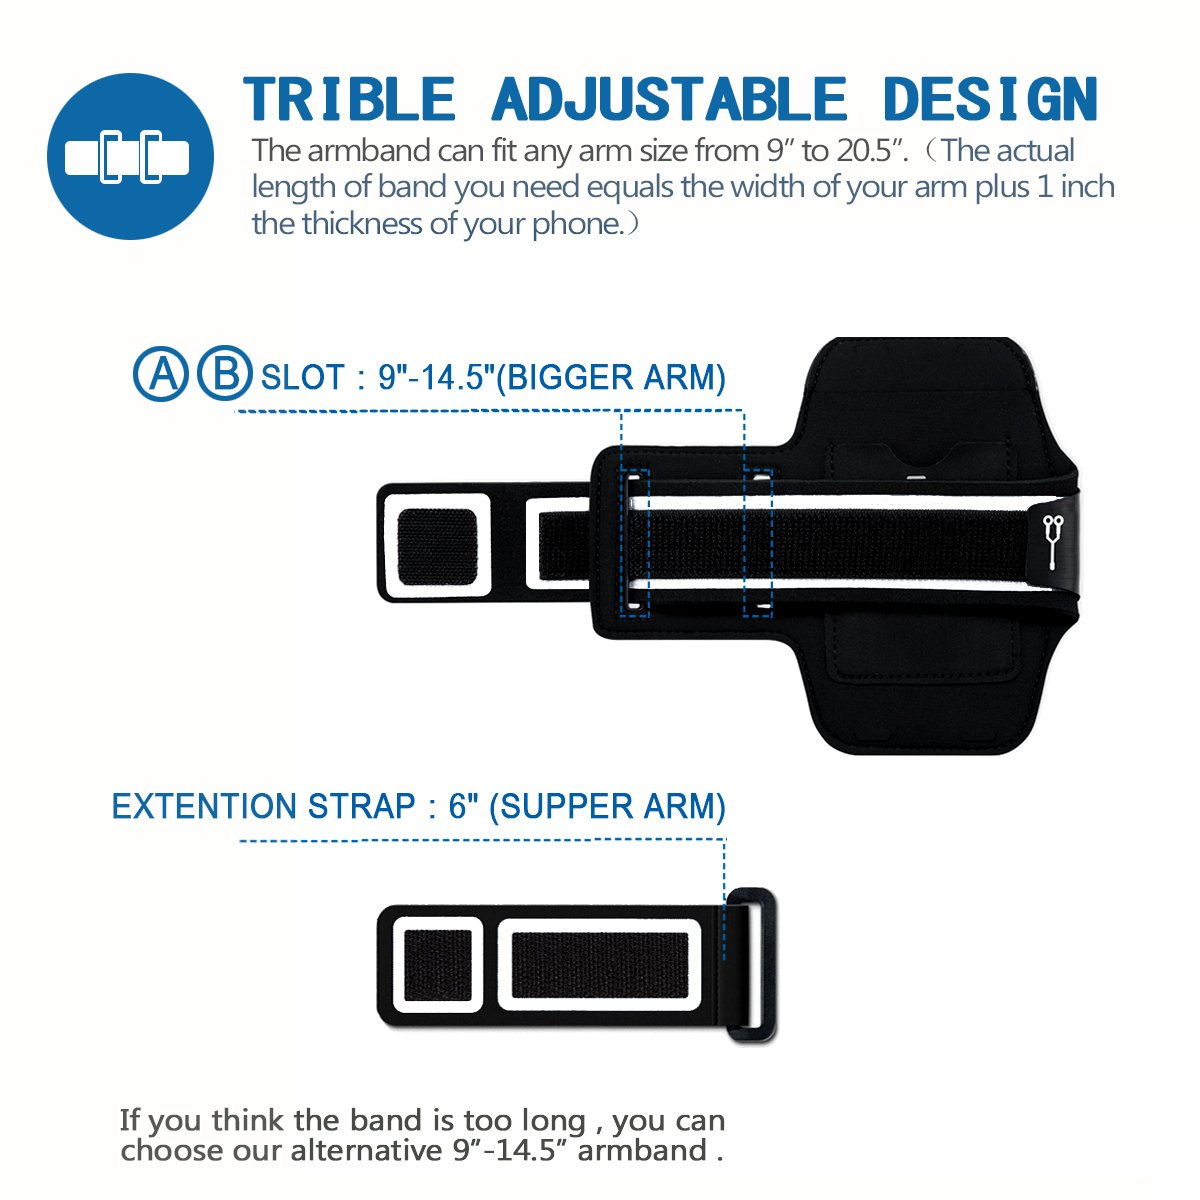 Ariband L Samsung S9 S8 S8 Plus S7//S6 Edge,T/él/éphone Jusqu/à 6.2 Pouces PORTHOLIC Universel Brassard de Sport iPhone X//8 Plus//7 Plus//6 Plus//6s Plus Anti-Sueur,avec Porte-Cl/és/&Carte